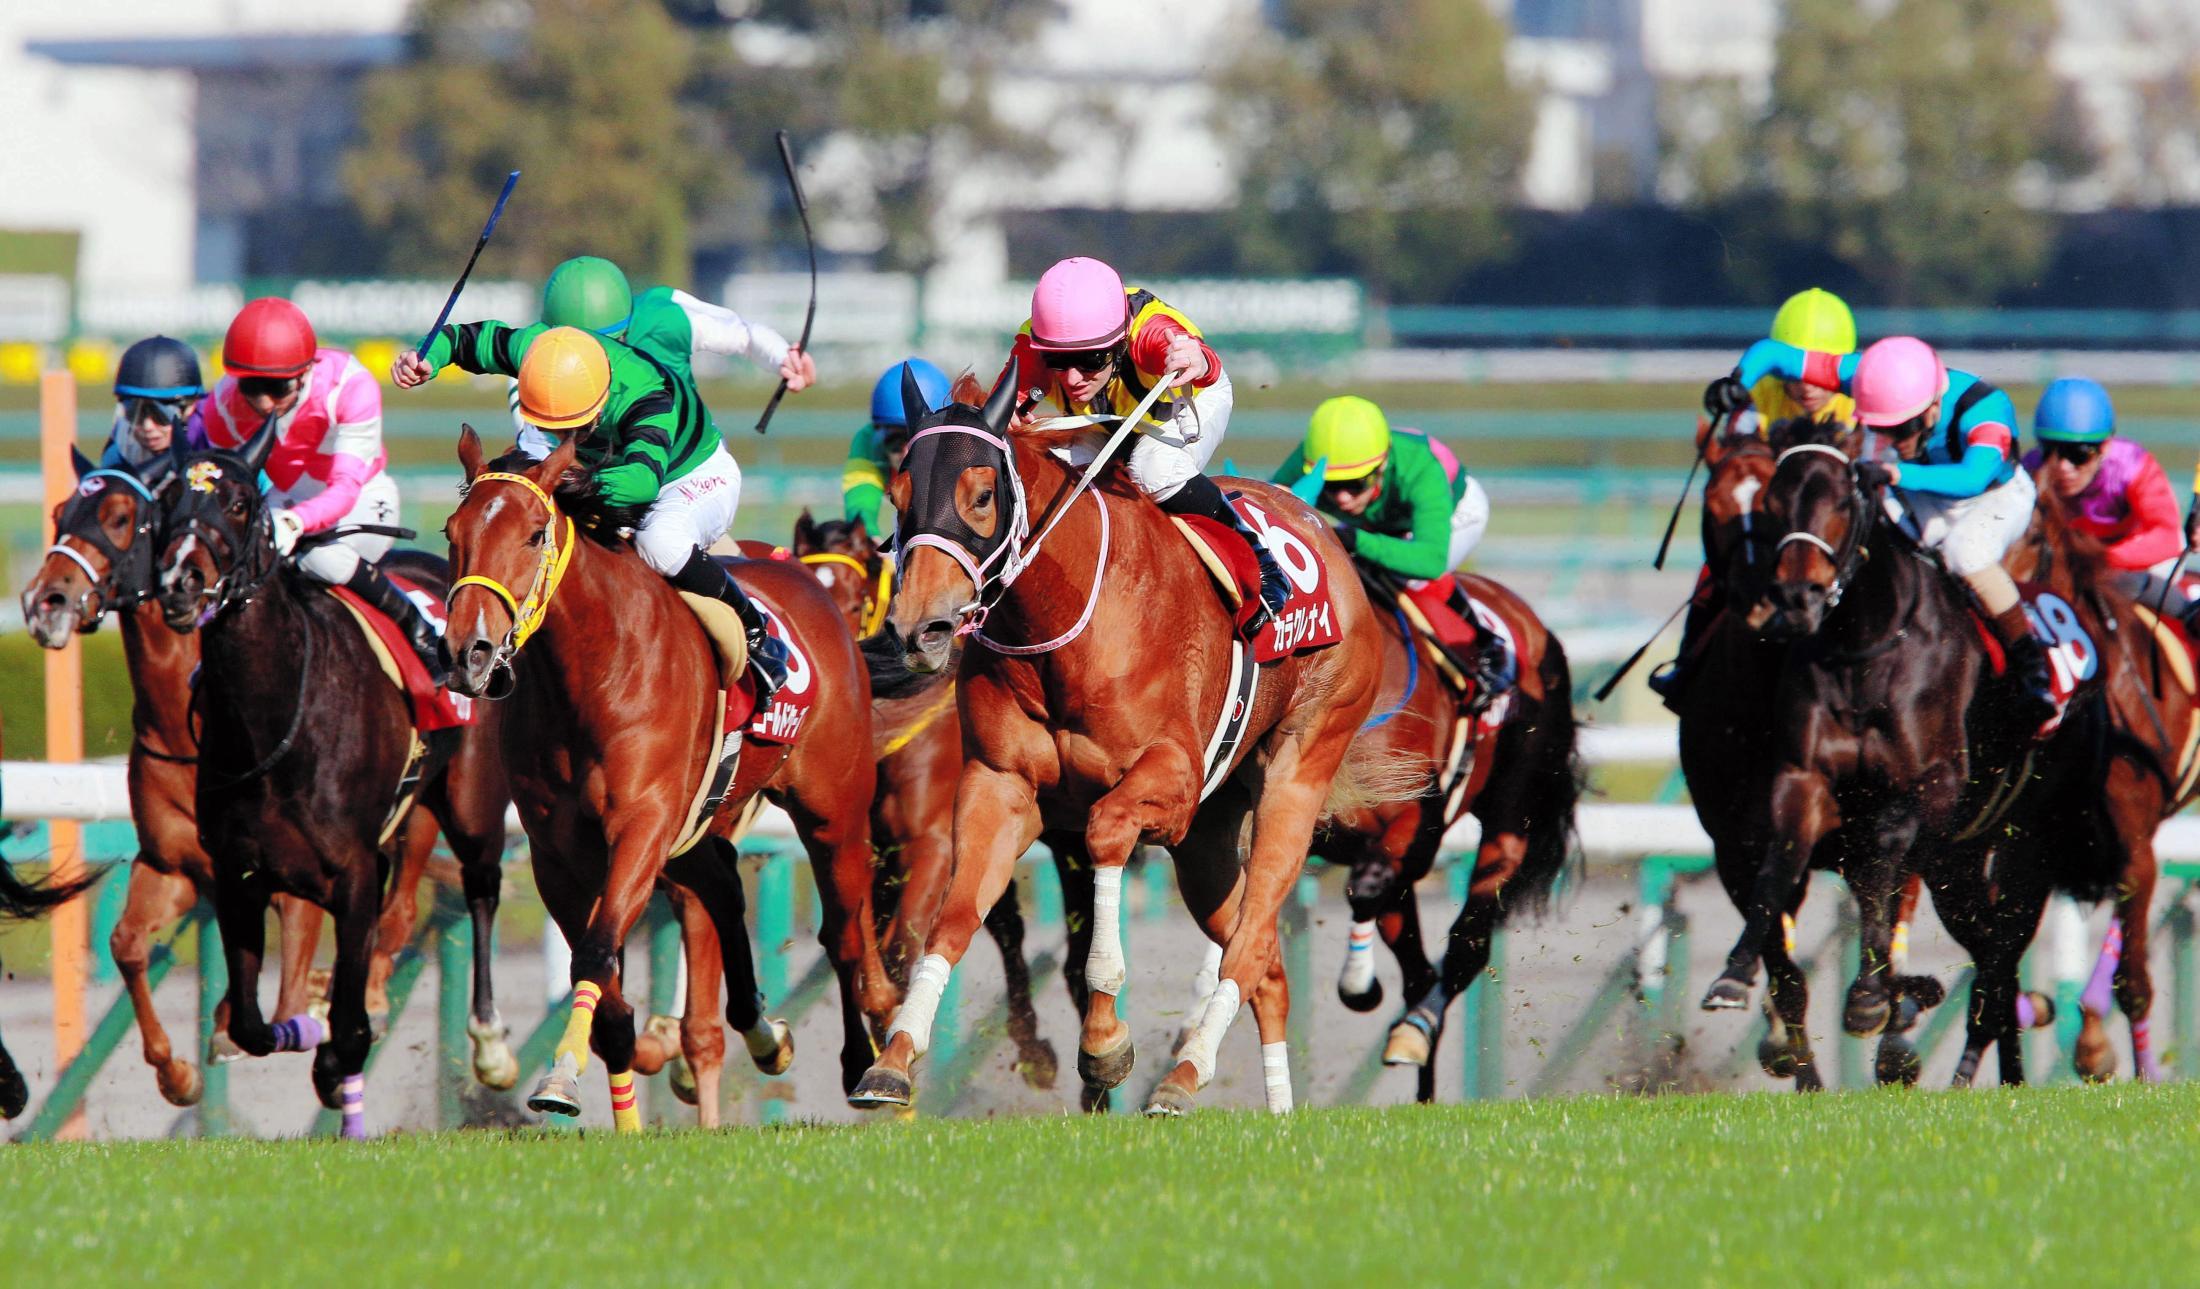 馬場の真ん中を突き抜け、重賞初制覇を飾ったカラクレナイ(中央)=2017年3月12日、阪神競馬場